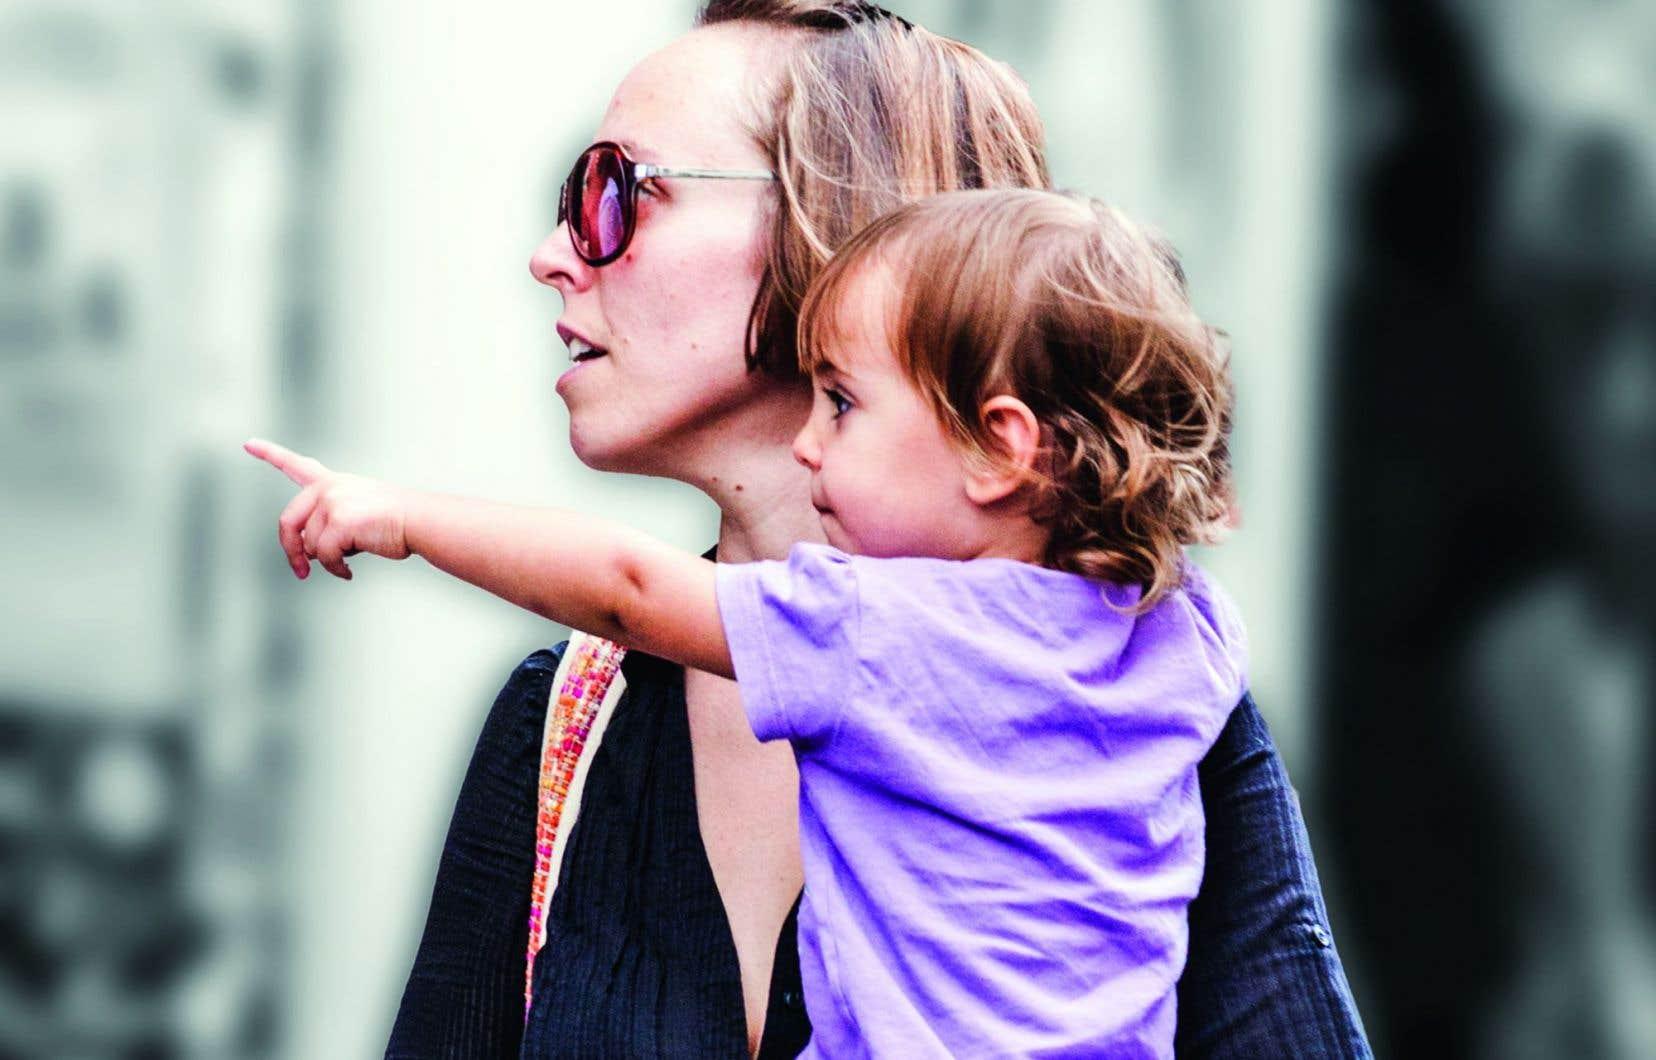 Les municipalités et organismes offrent déjà de nombreux services aux parents, mais ceux-ci pourraient être davantage utilisés.